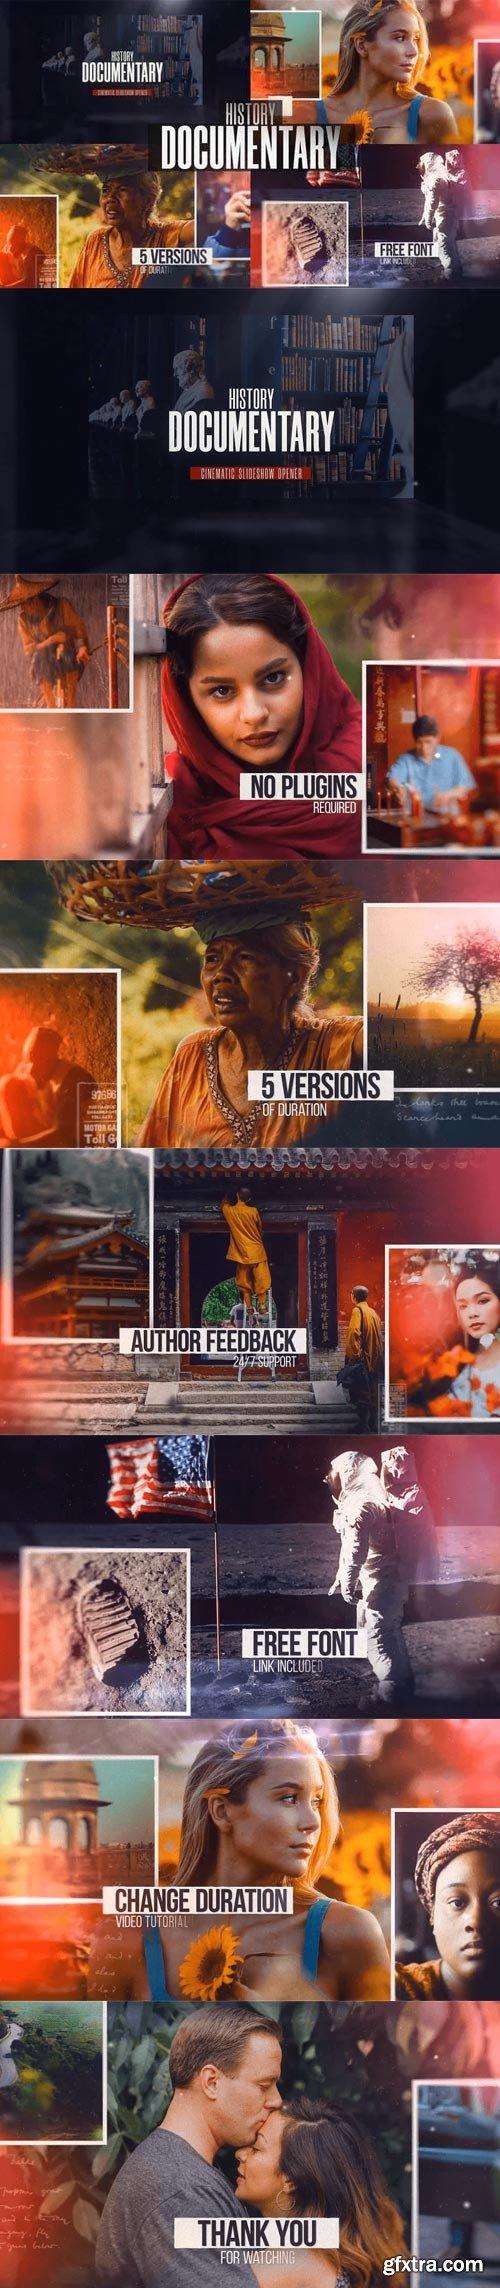 Videohive - History Documentary Slideshow - 32333859